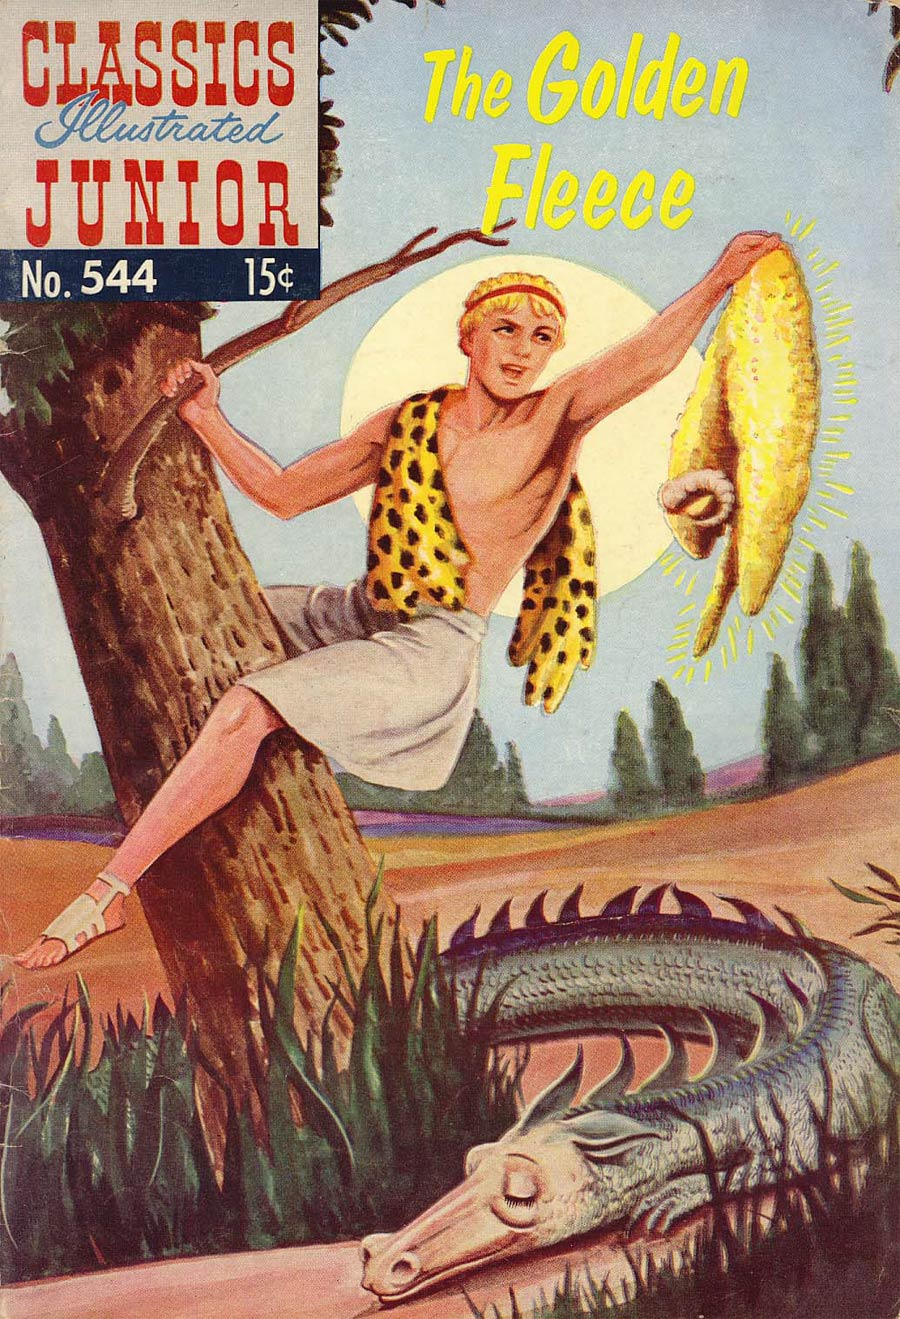 Classics Illustrated Junior #544